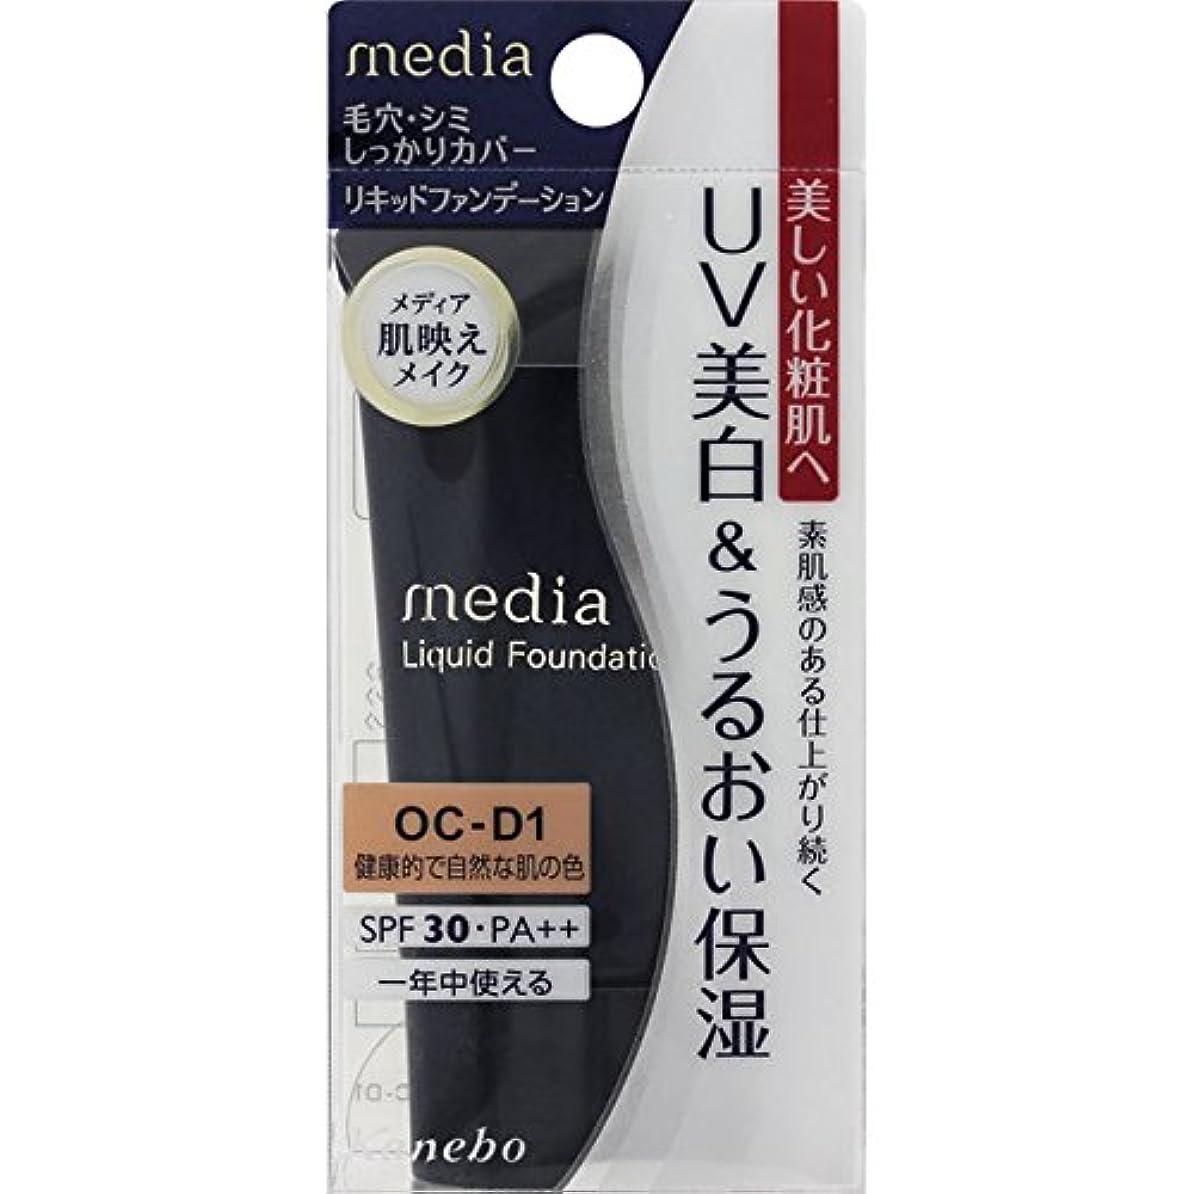 直感期間ボトルカネボウ メディア(media)リキッドファンデーションUV カラー:OC-D1